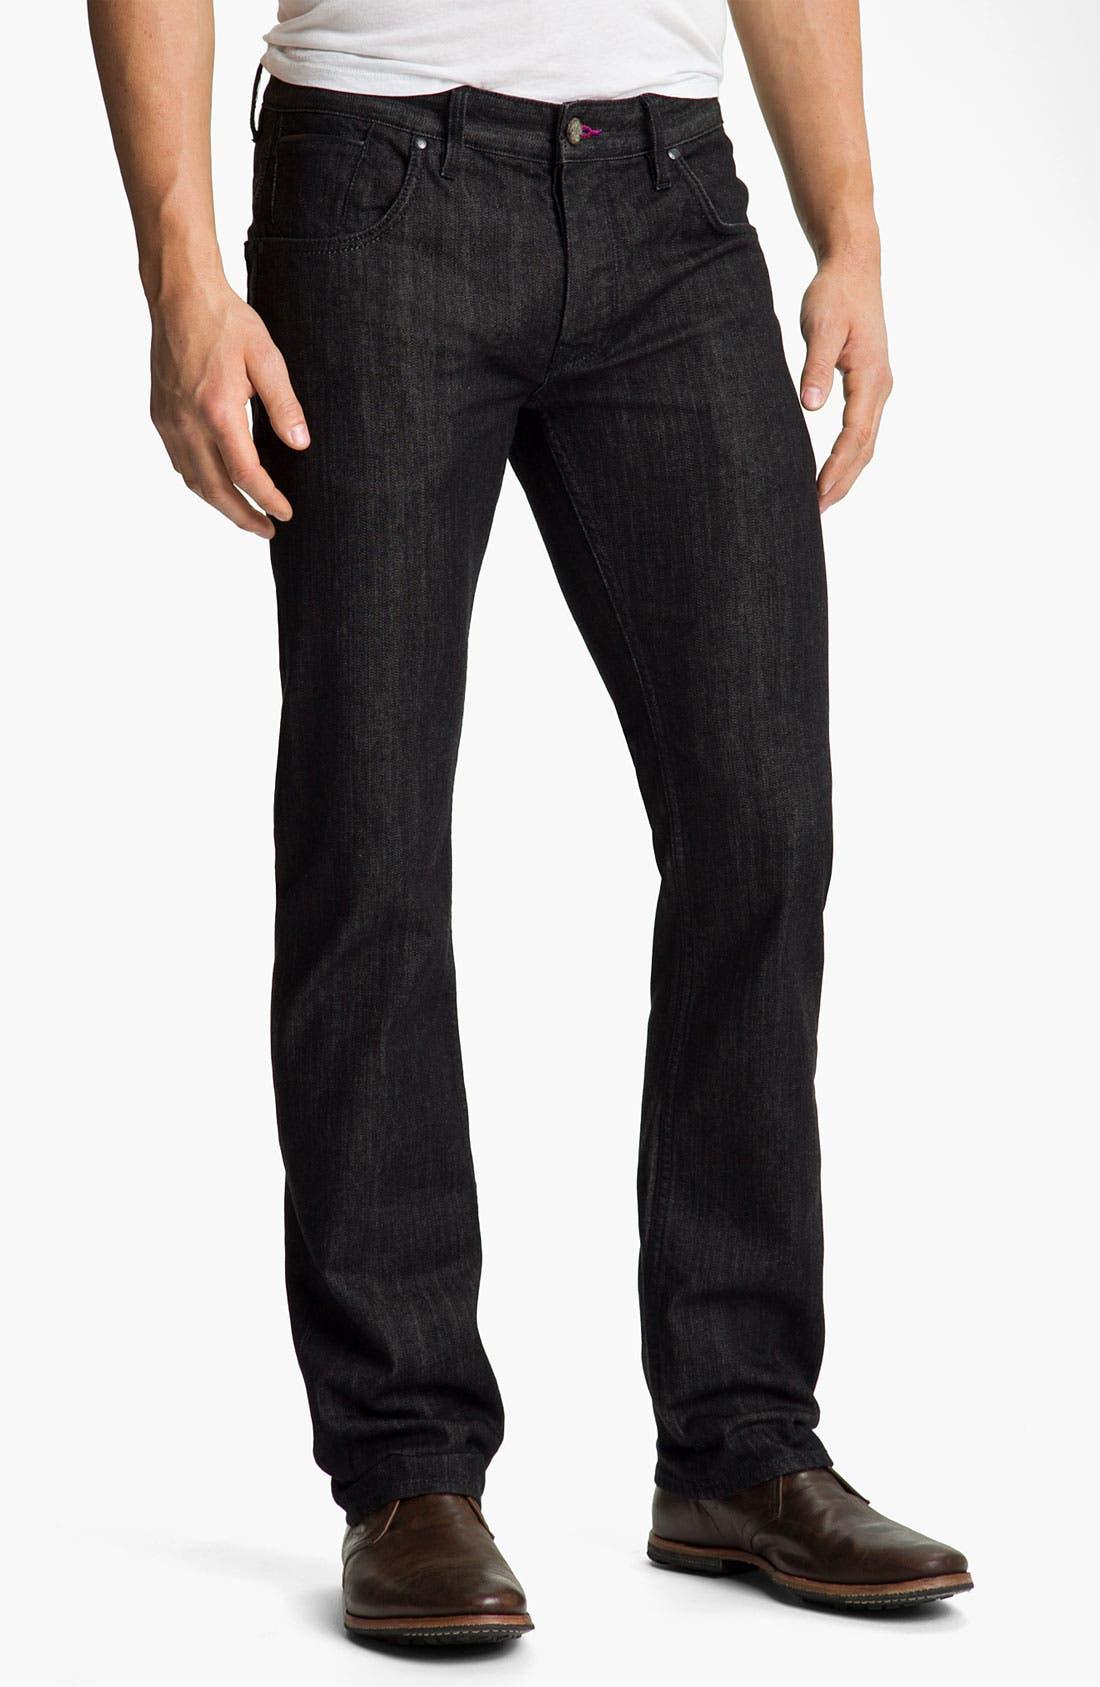 Main Image - Robert Graham Jeans 'Noir' Straight Leg Jeans